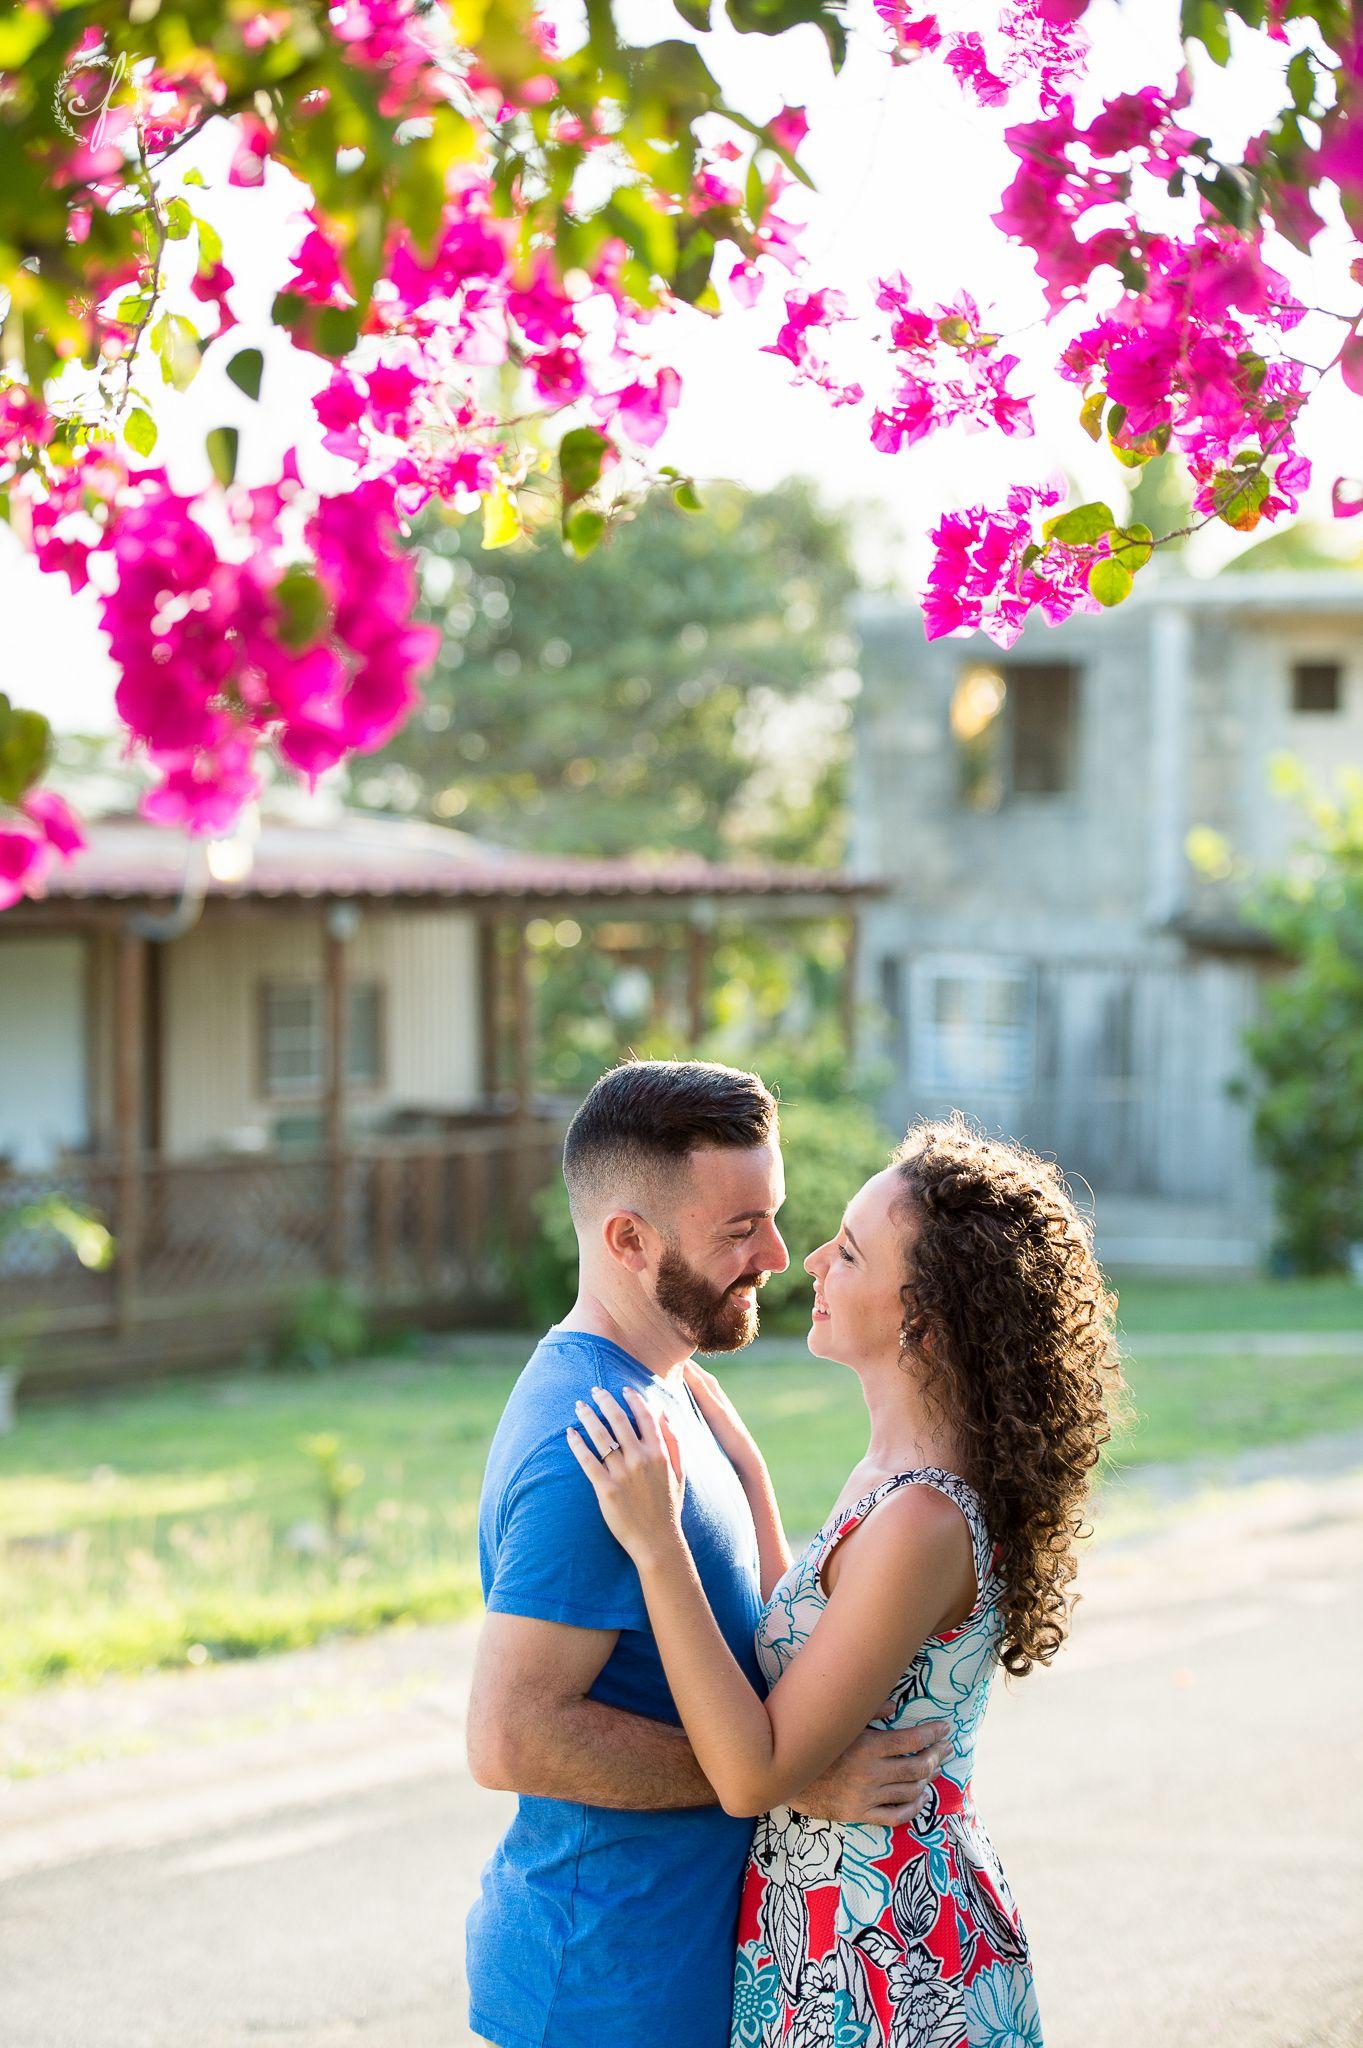 ¡Omaigah! ¡Moni y Andrés se nos casan hoy! Para celebrar, aquí el Love Story más bello de la vida: https://camillefontz.com/?p=9781